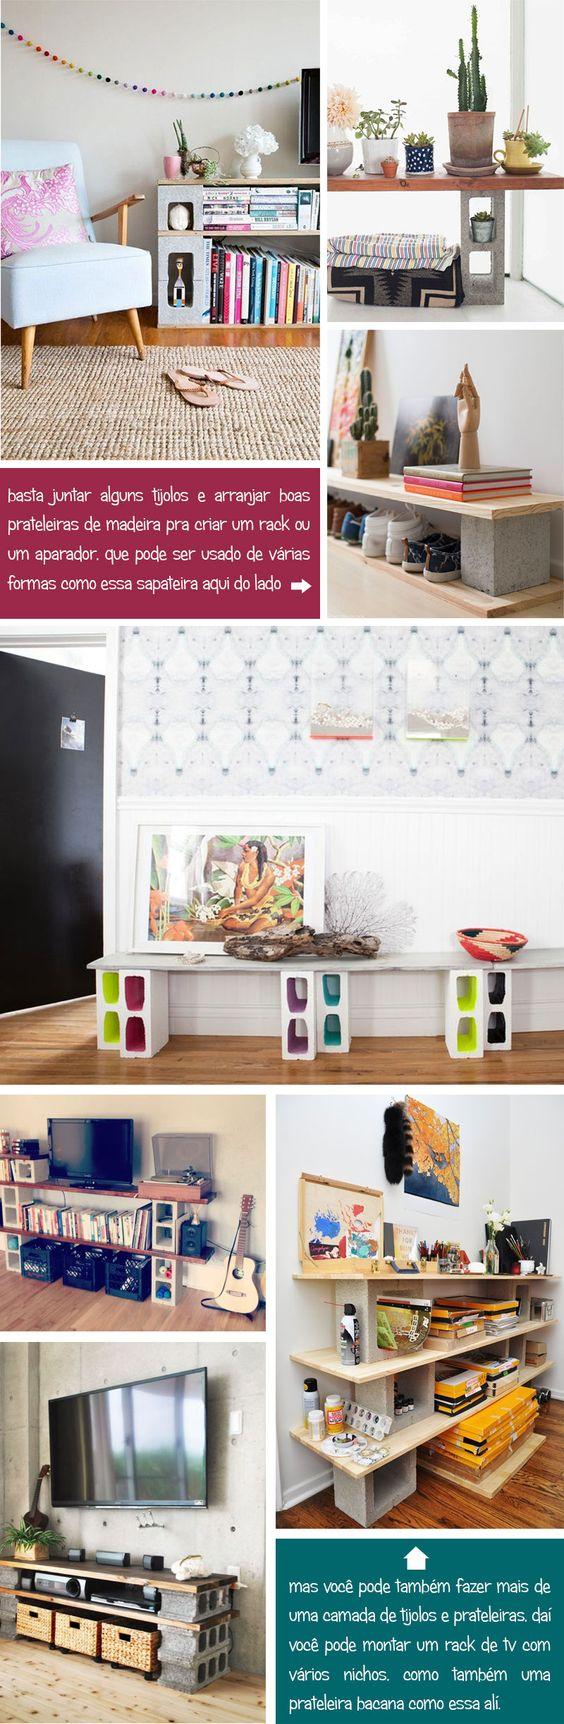 5 ideias para uma decoração divertida 13